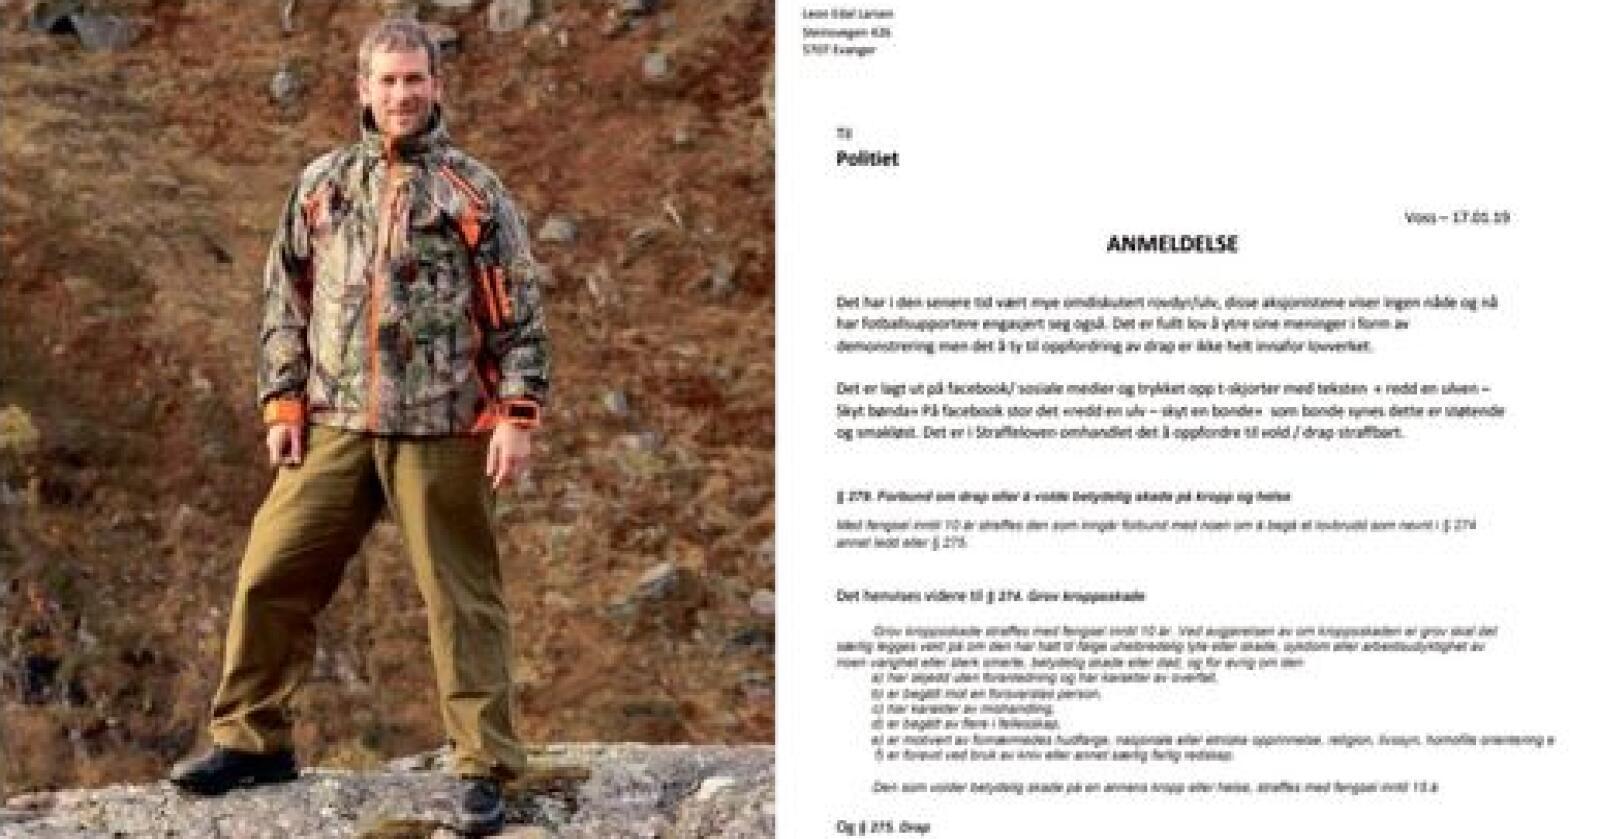 Torsdag ettermiddag leverte Leon Edal Larsen fra Voss en anmeldelse på Voss lensmannskontor. Bildekollasj: Privat